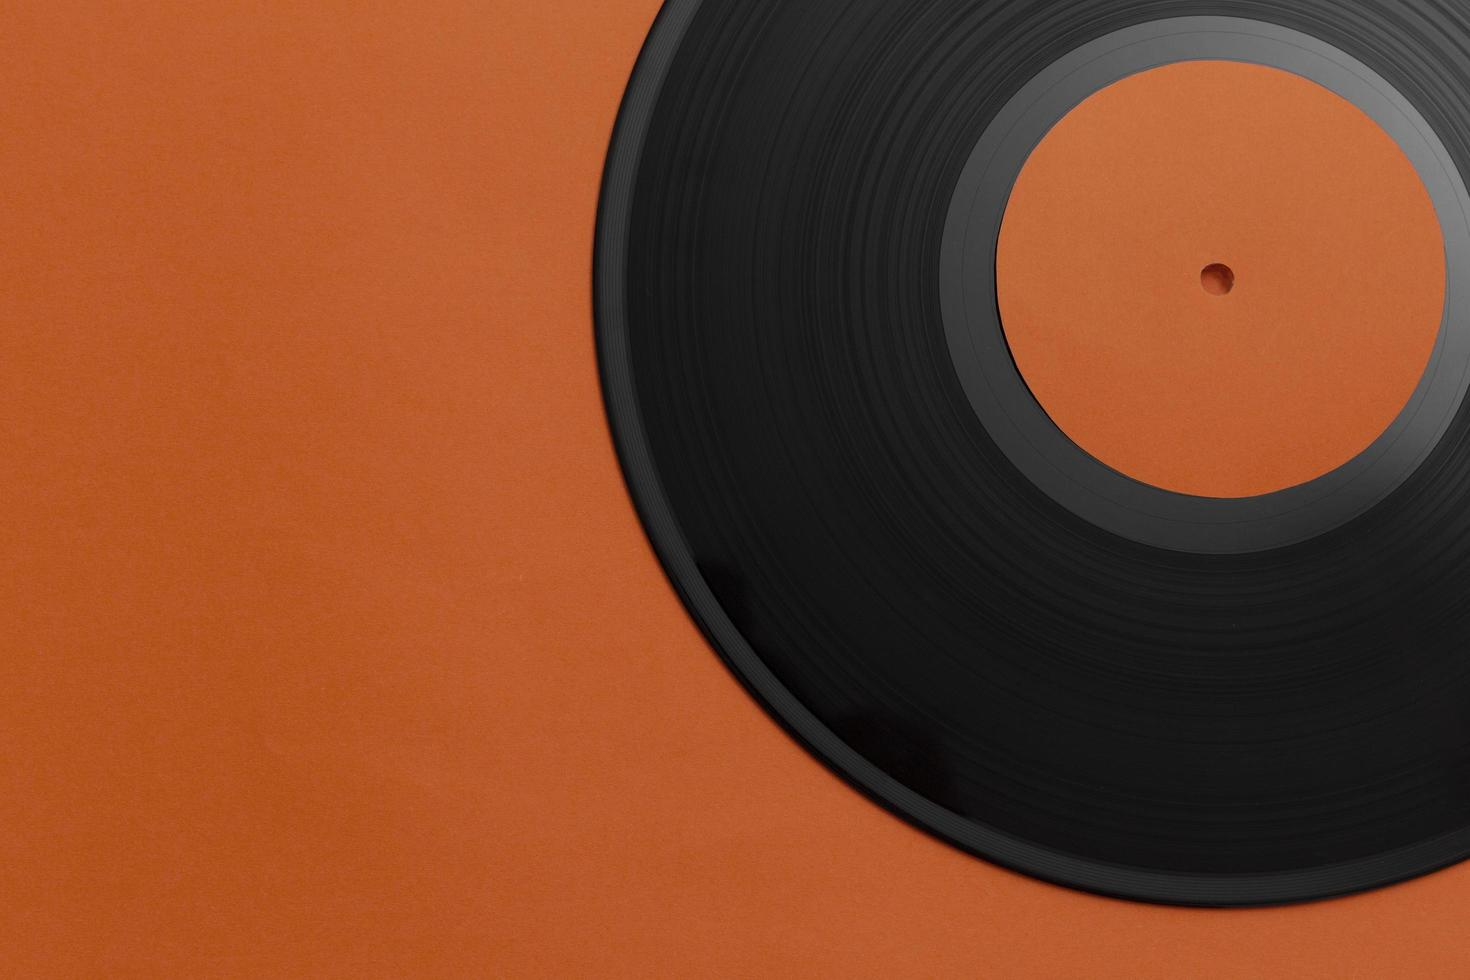 Draufsicht Schallplattenanordnung foto